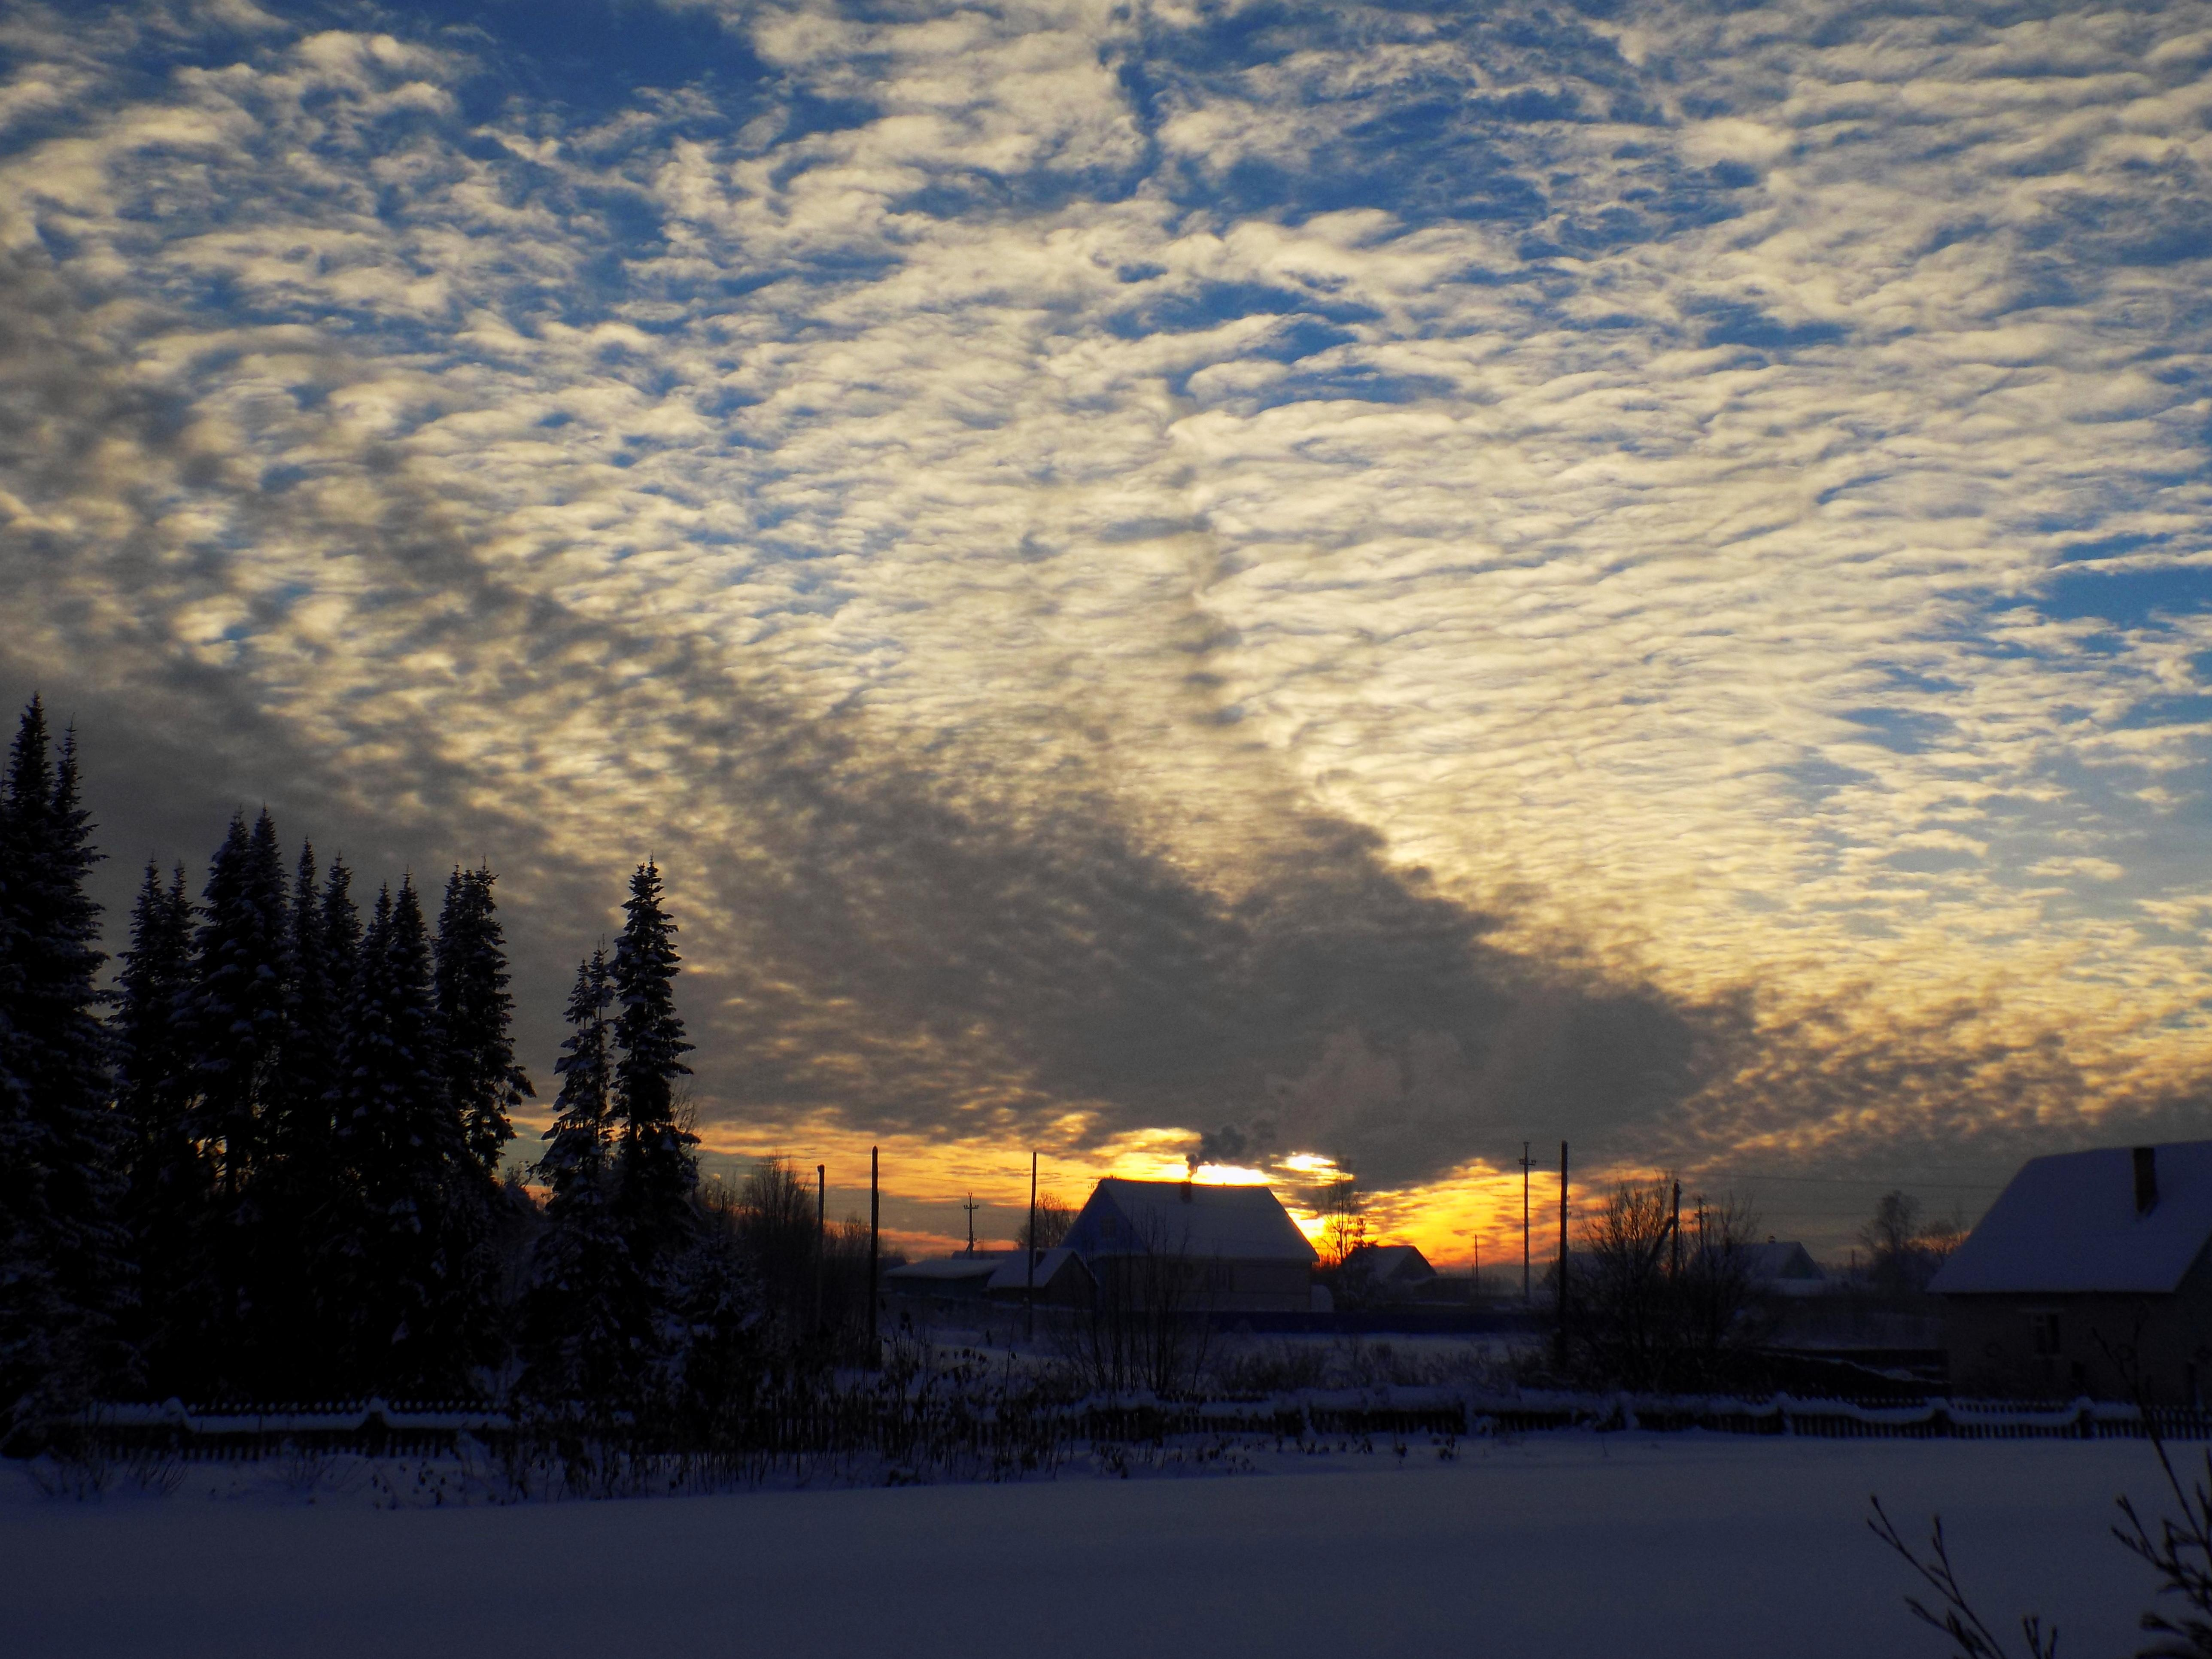 фотографии облаков зимой хорошая